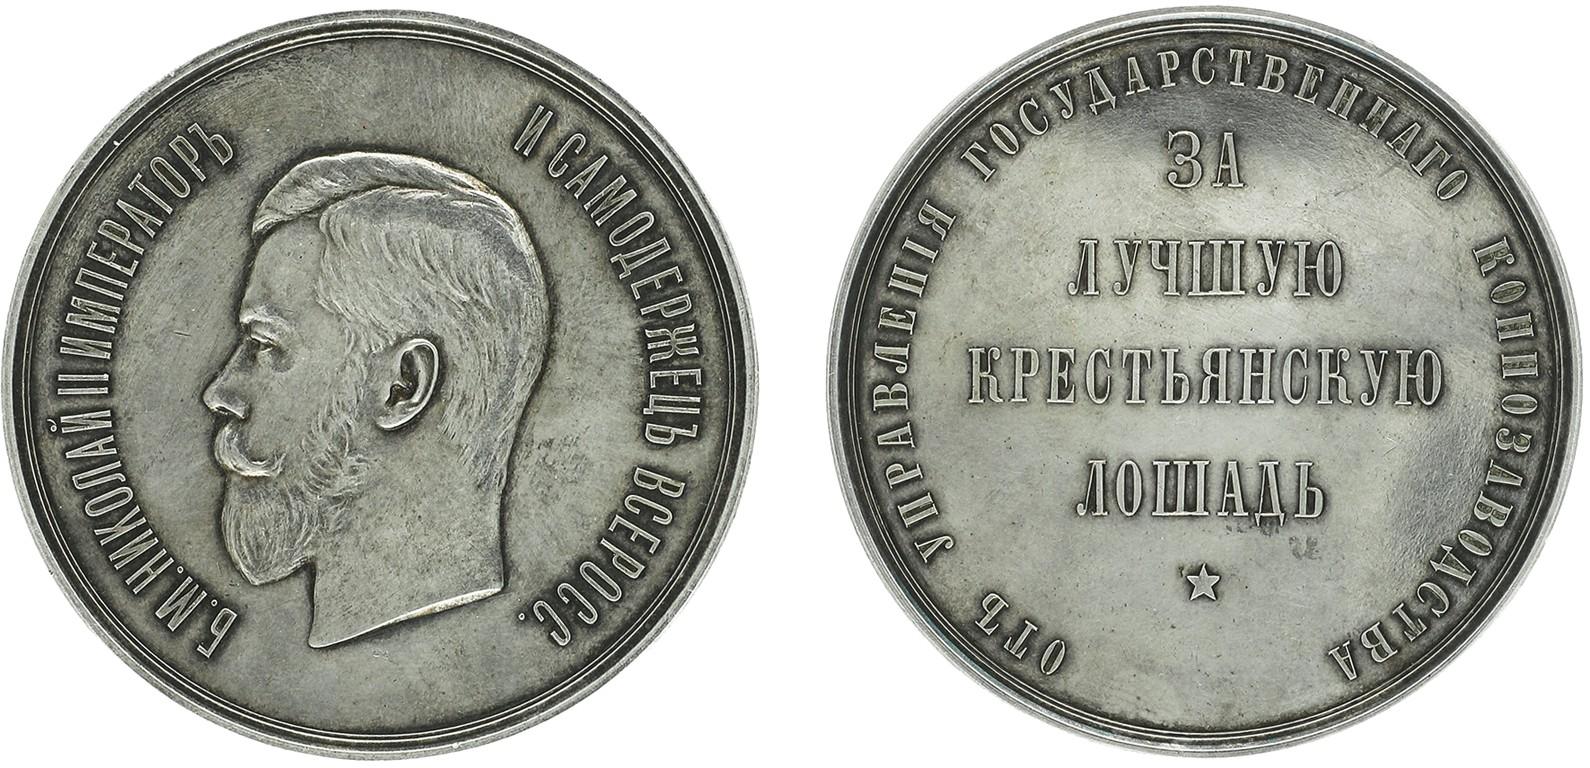 Наградная медаль Управления Государственного Коннозаводства «За лучшую крестьянскую лошадь»